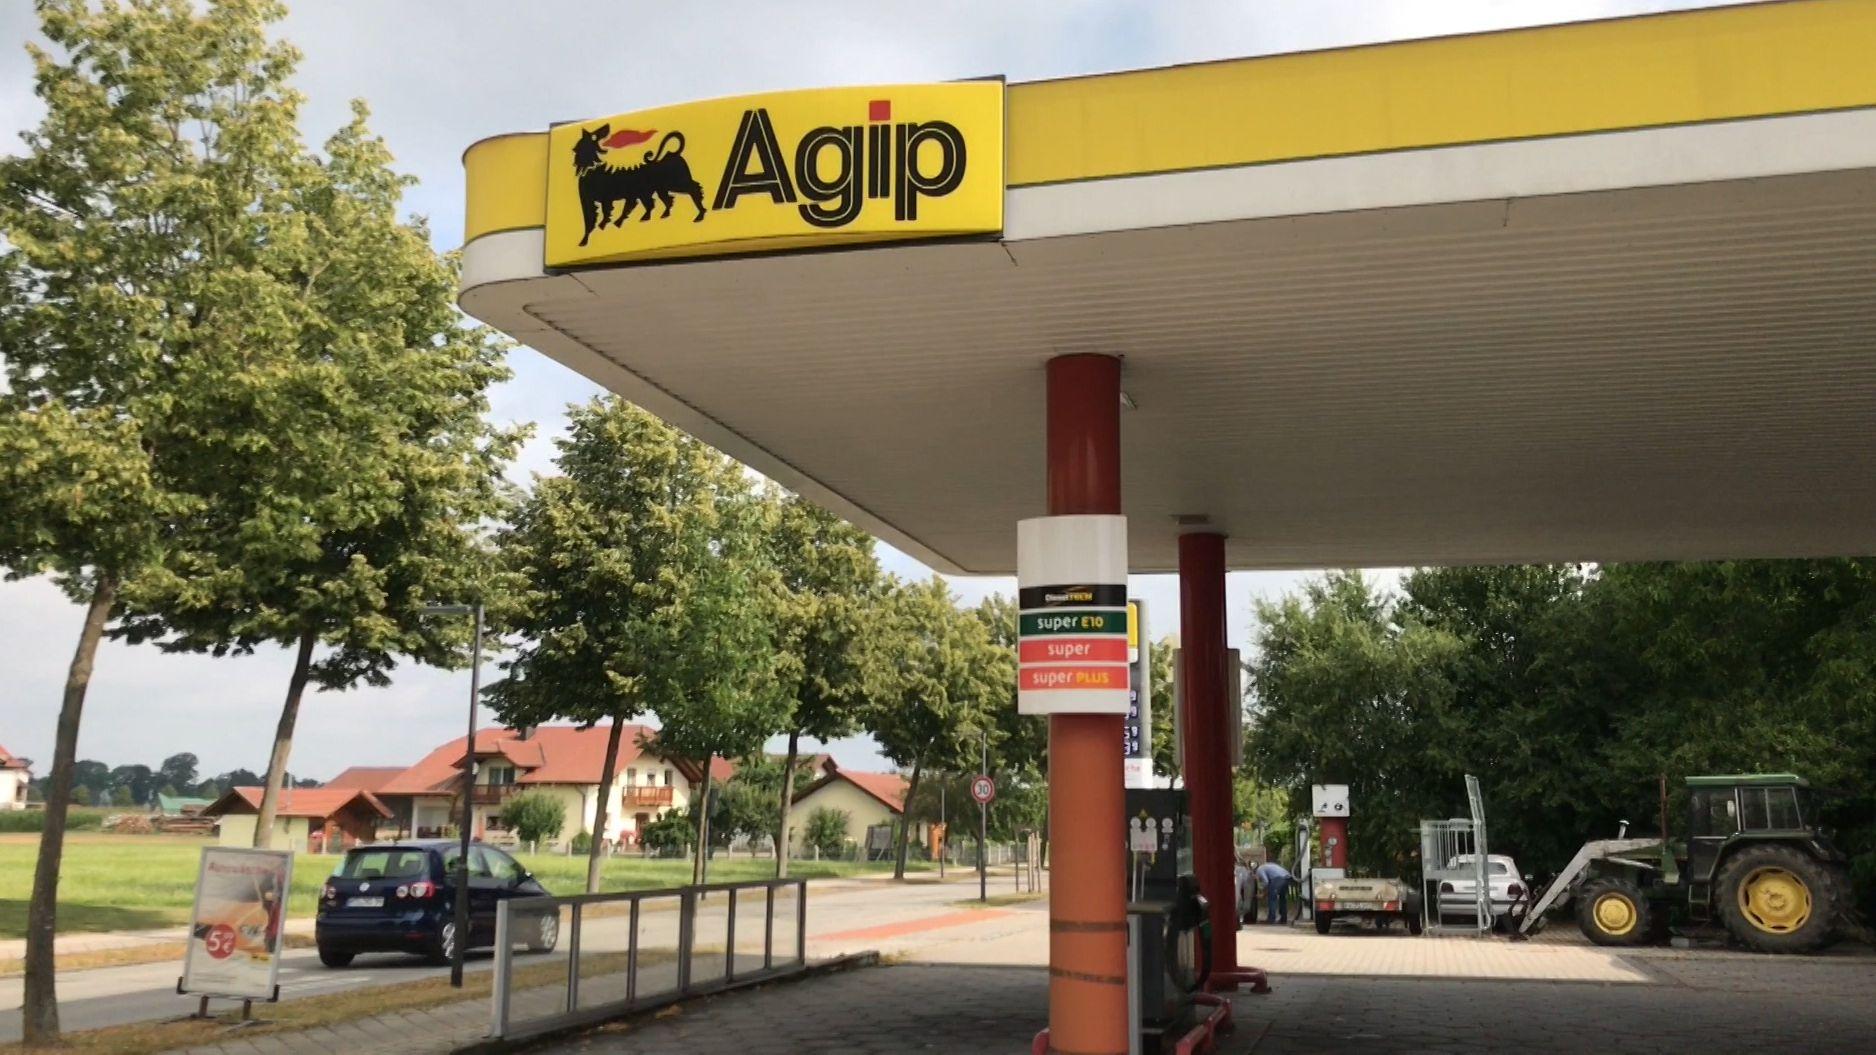 Die Tankstelle in Bad Füssing wurde bereits zwei Mal überfallen, jetzt gab es eine Bombendrohung